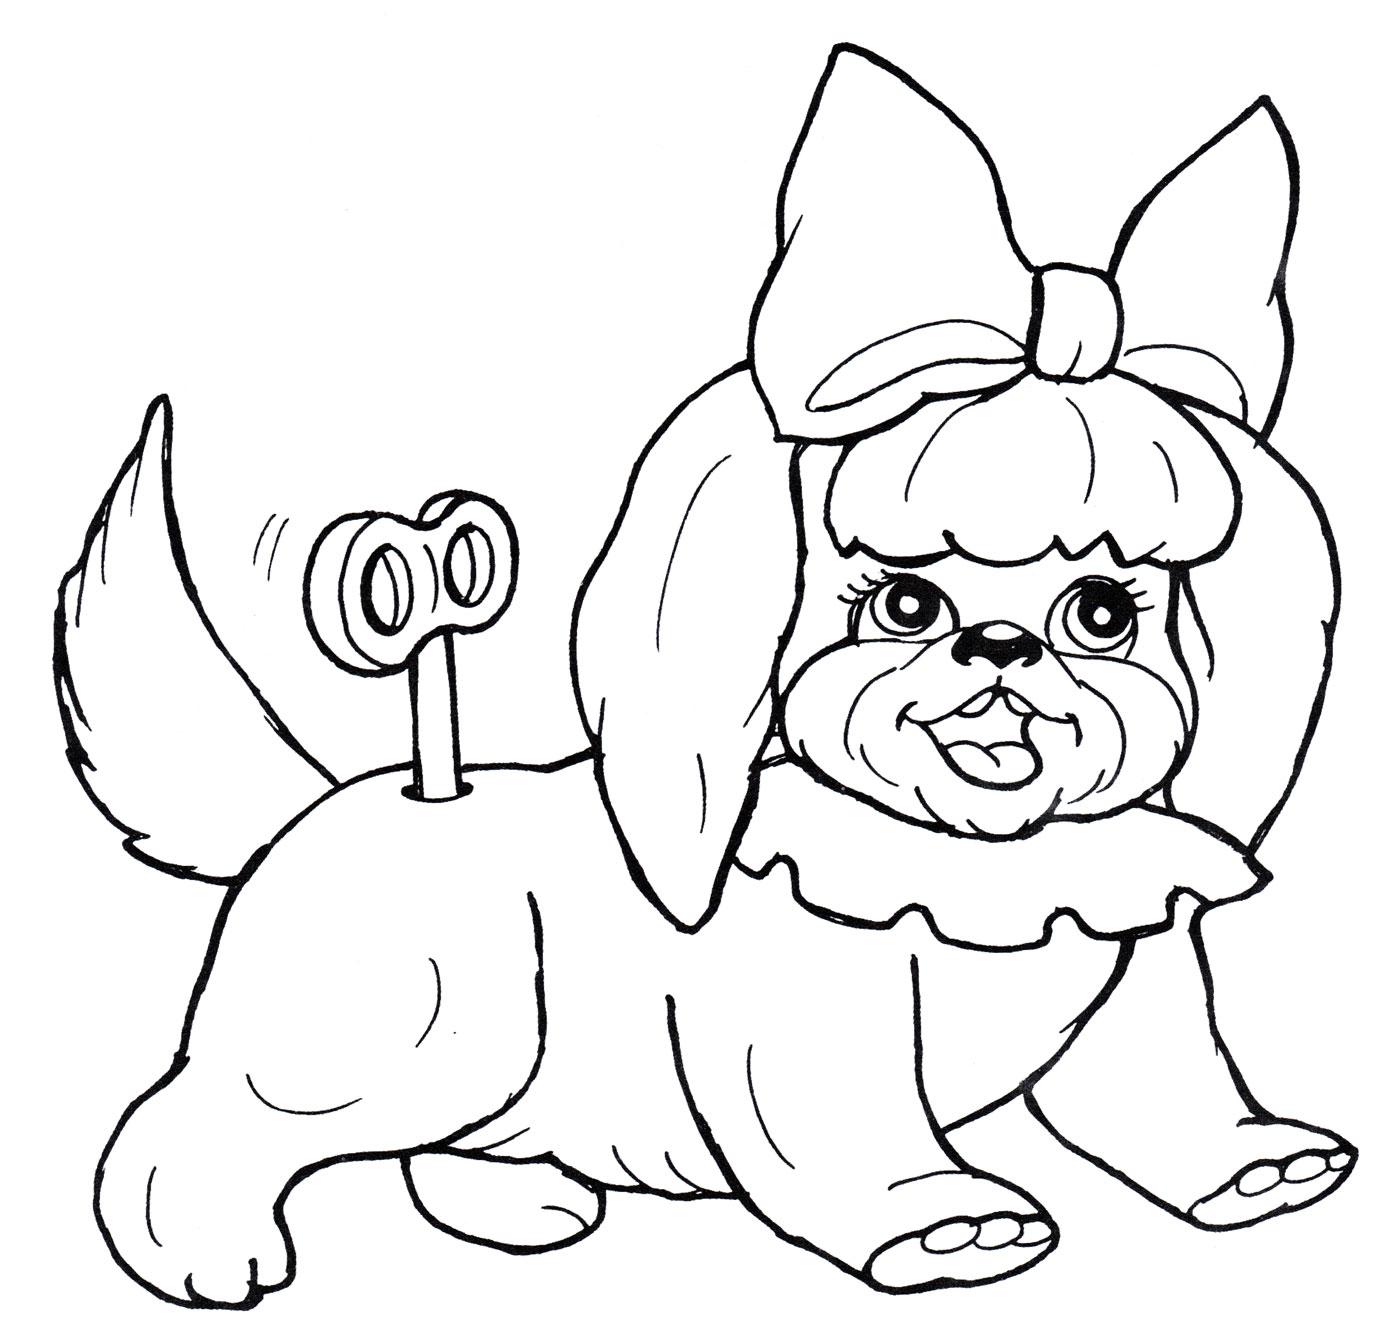 Раскраска Заводная собачка - распечатать бесплатно